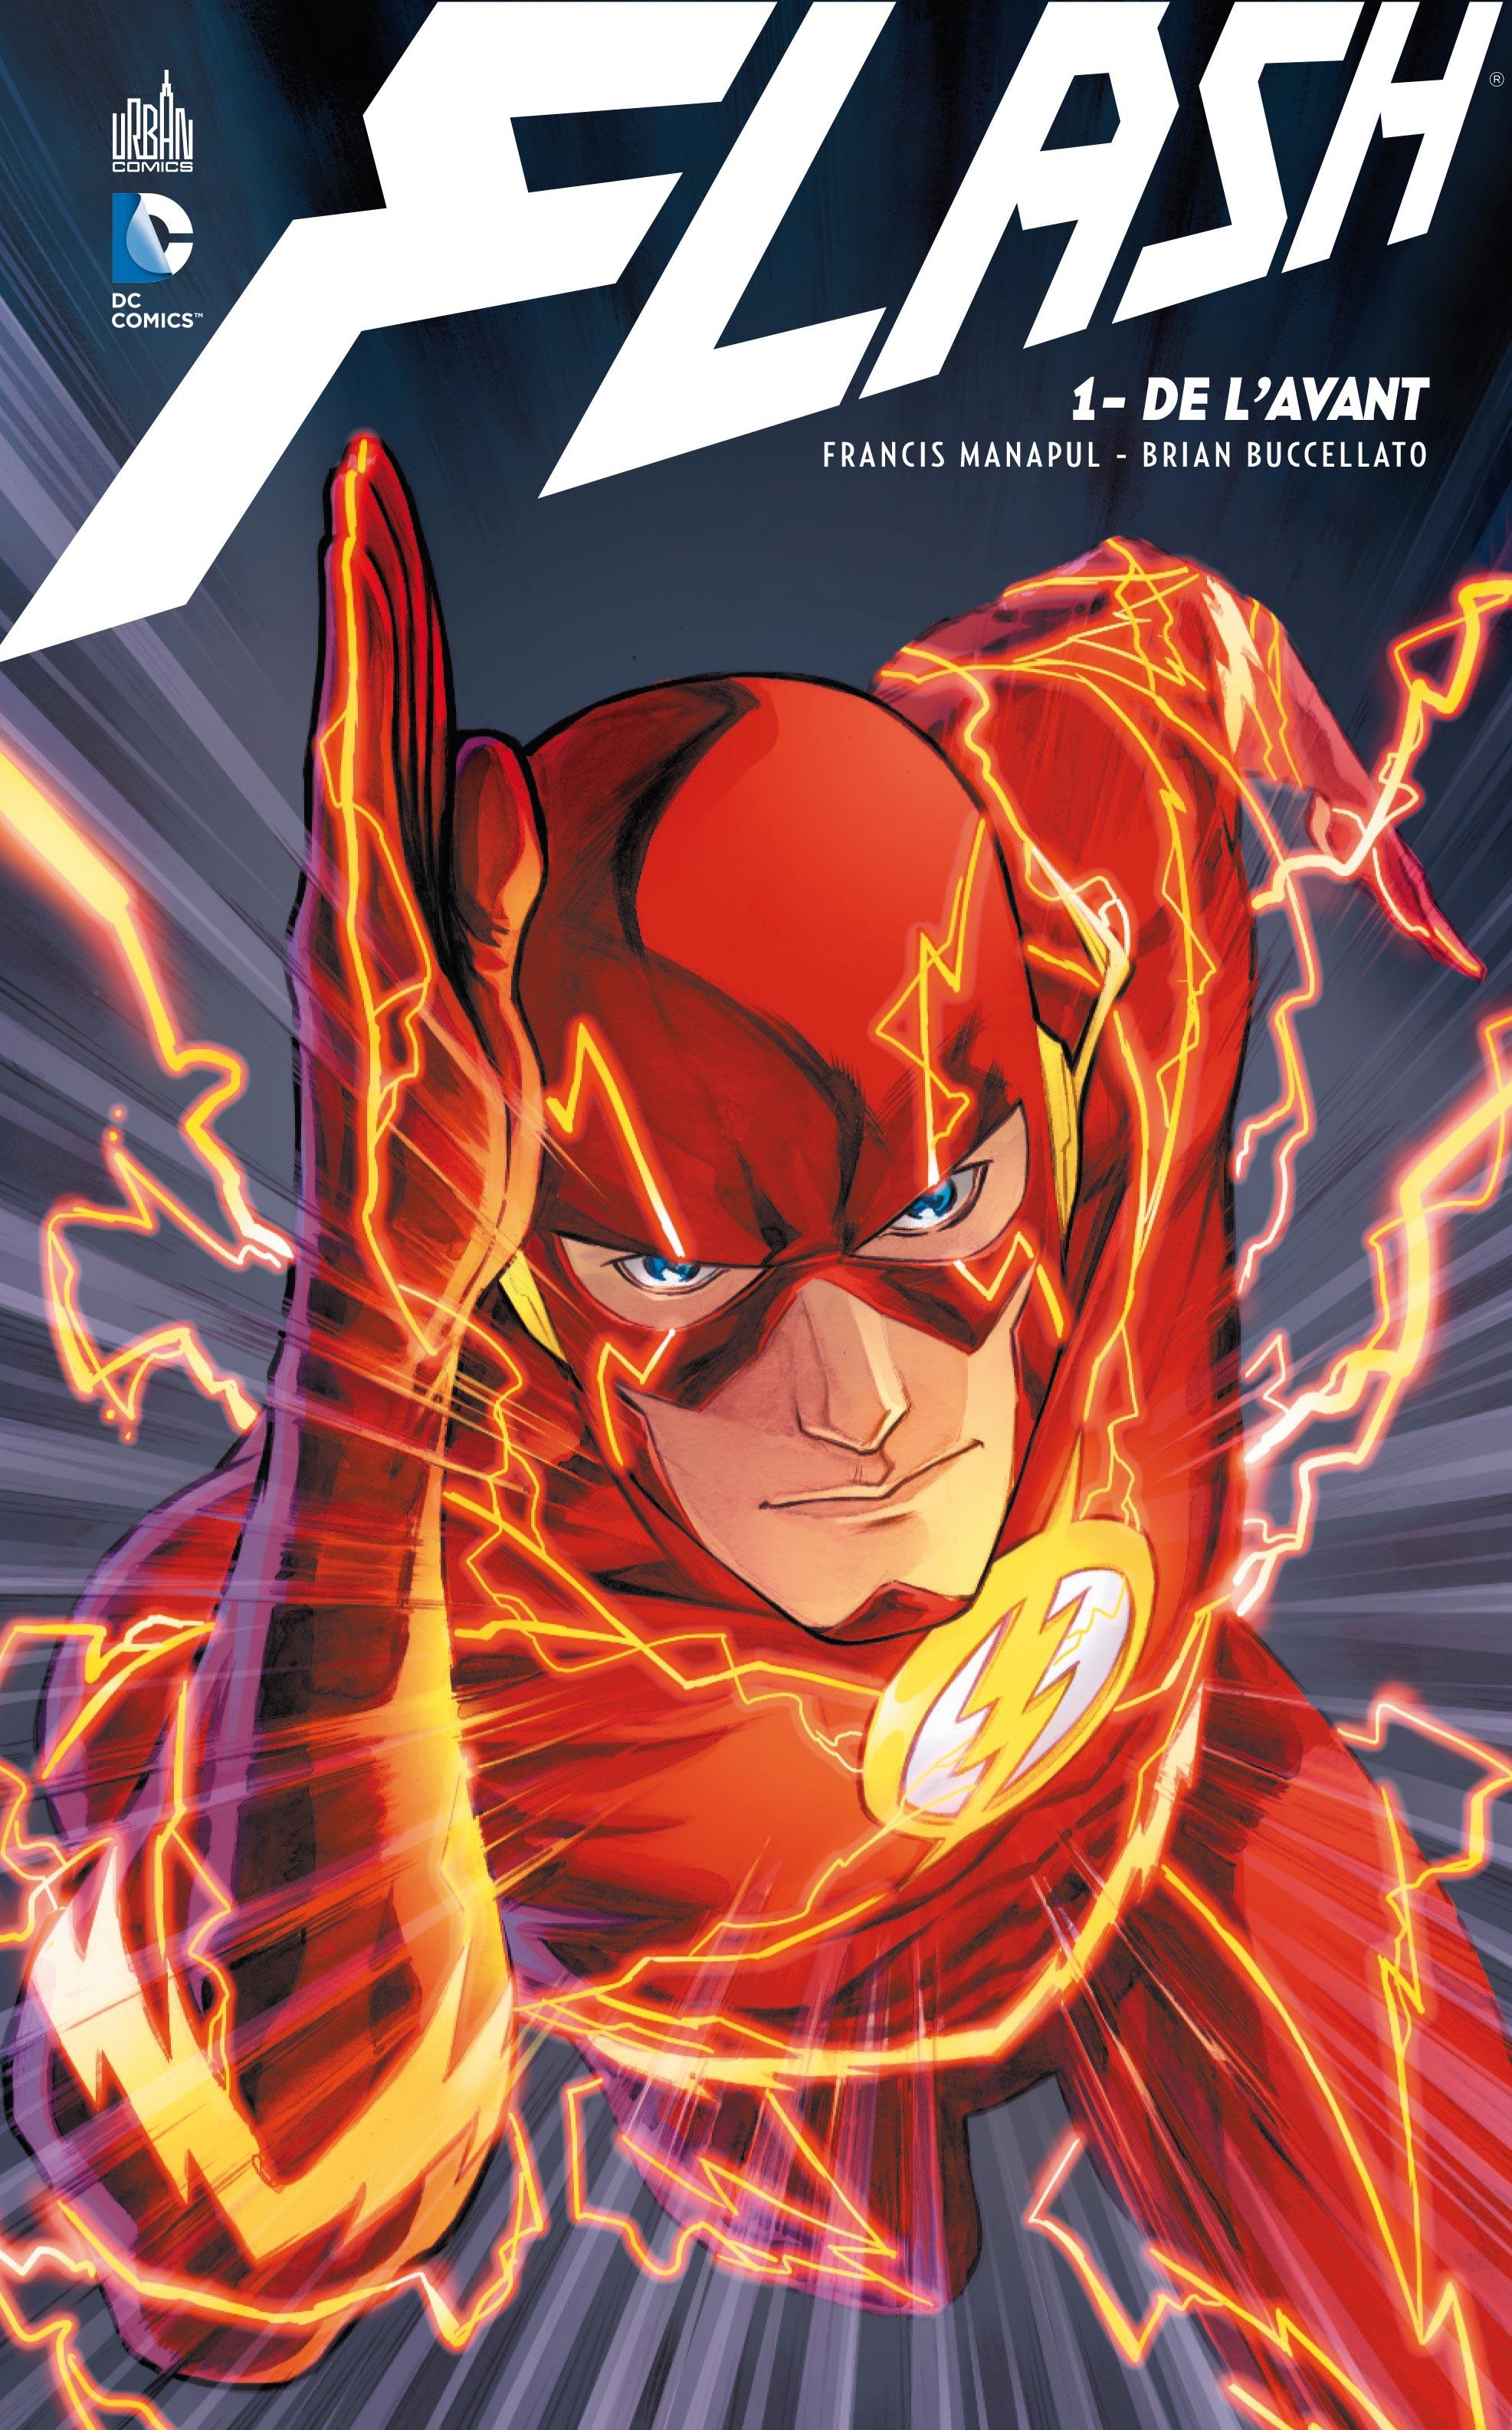 Flash 1 - De l'avant